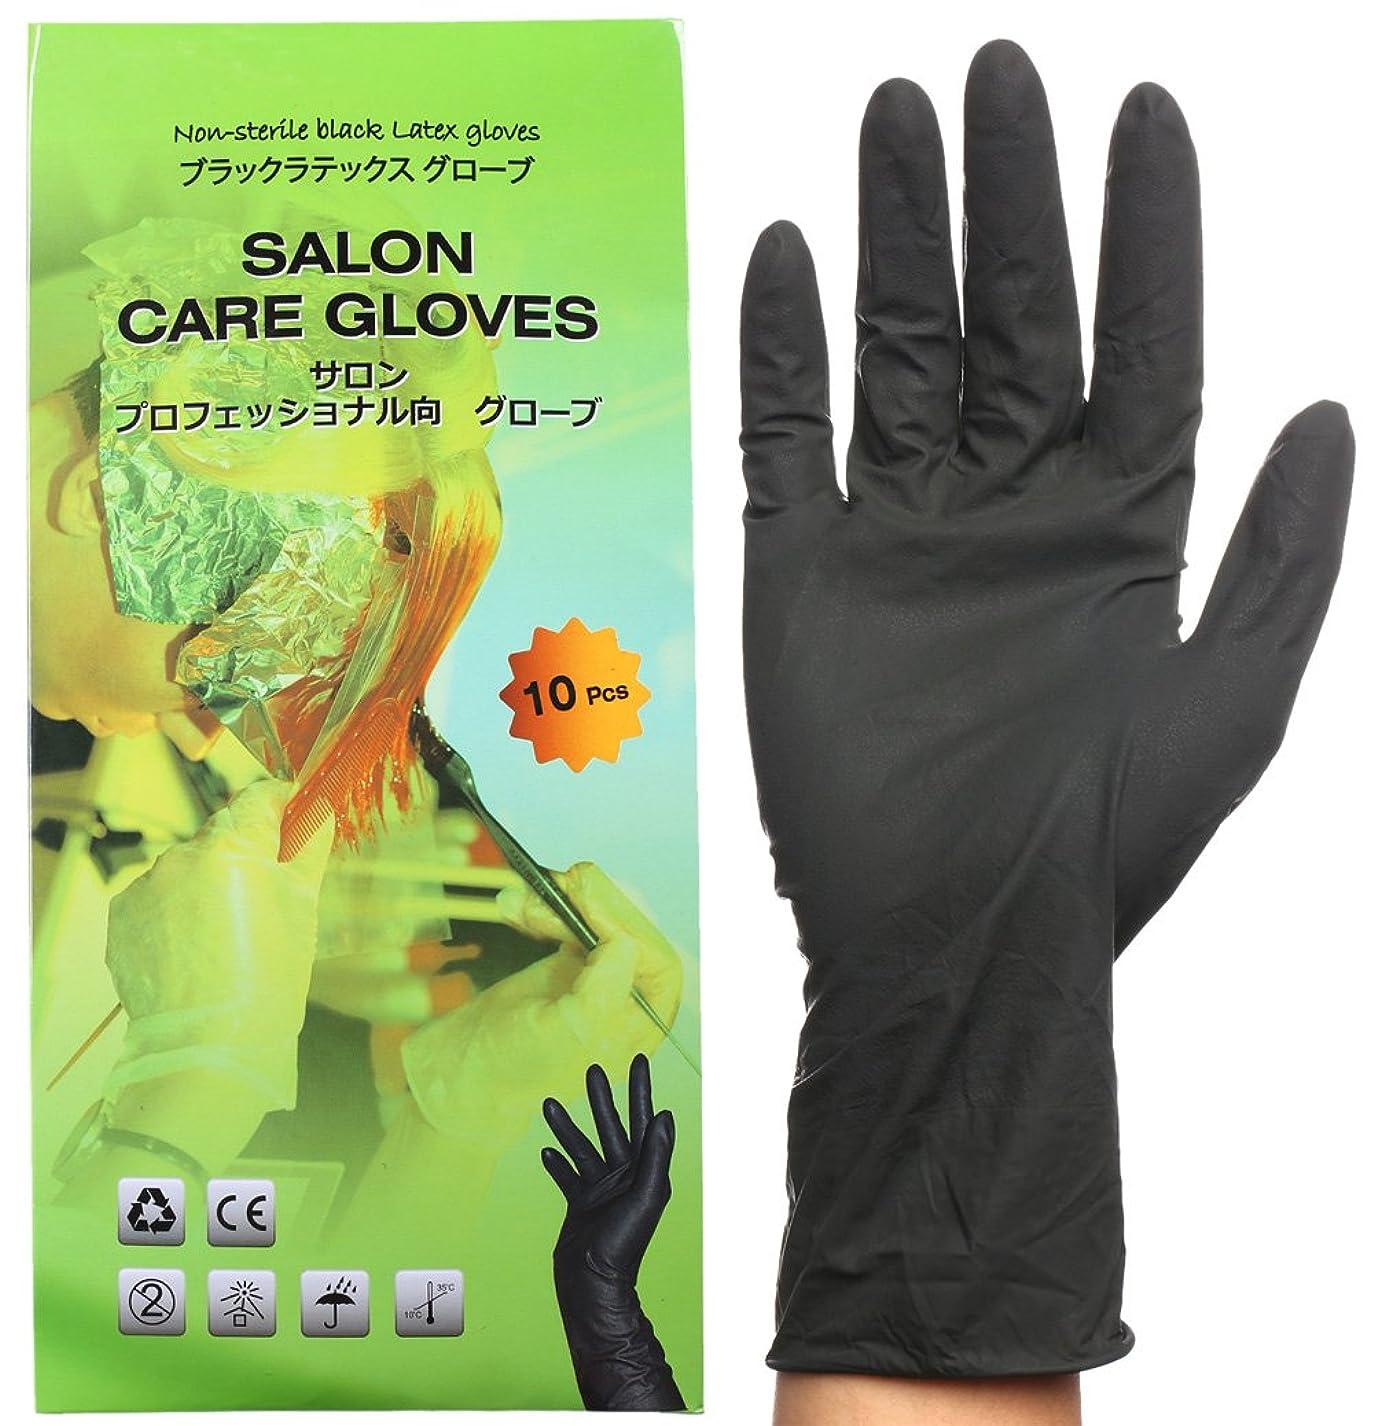 むしゃむしゃラベ南極ブラックグローブ ハンドケアグローブ ゴム手袋 ヘアカラー 毛染め 10セット入り